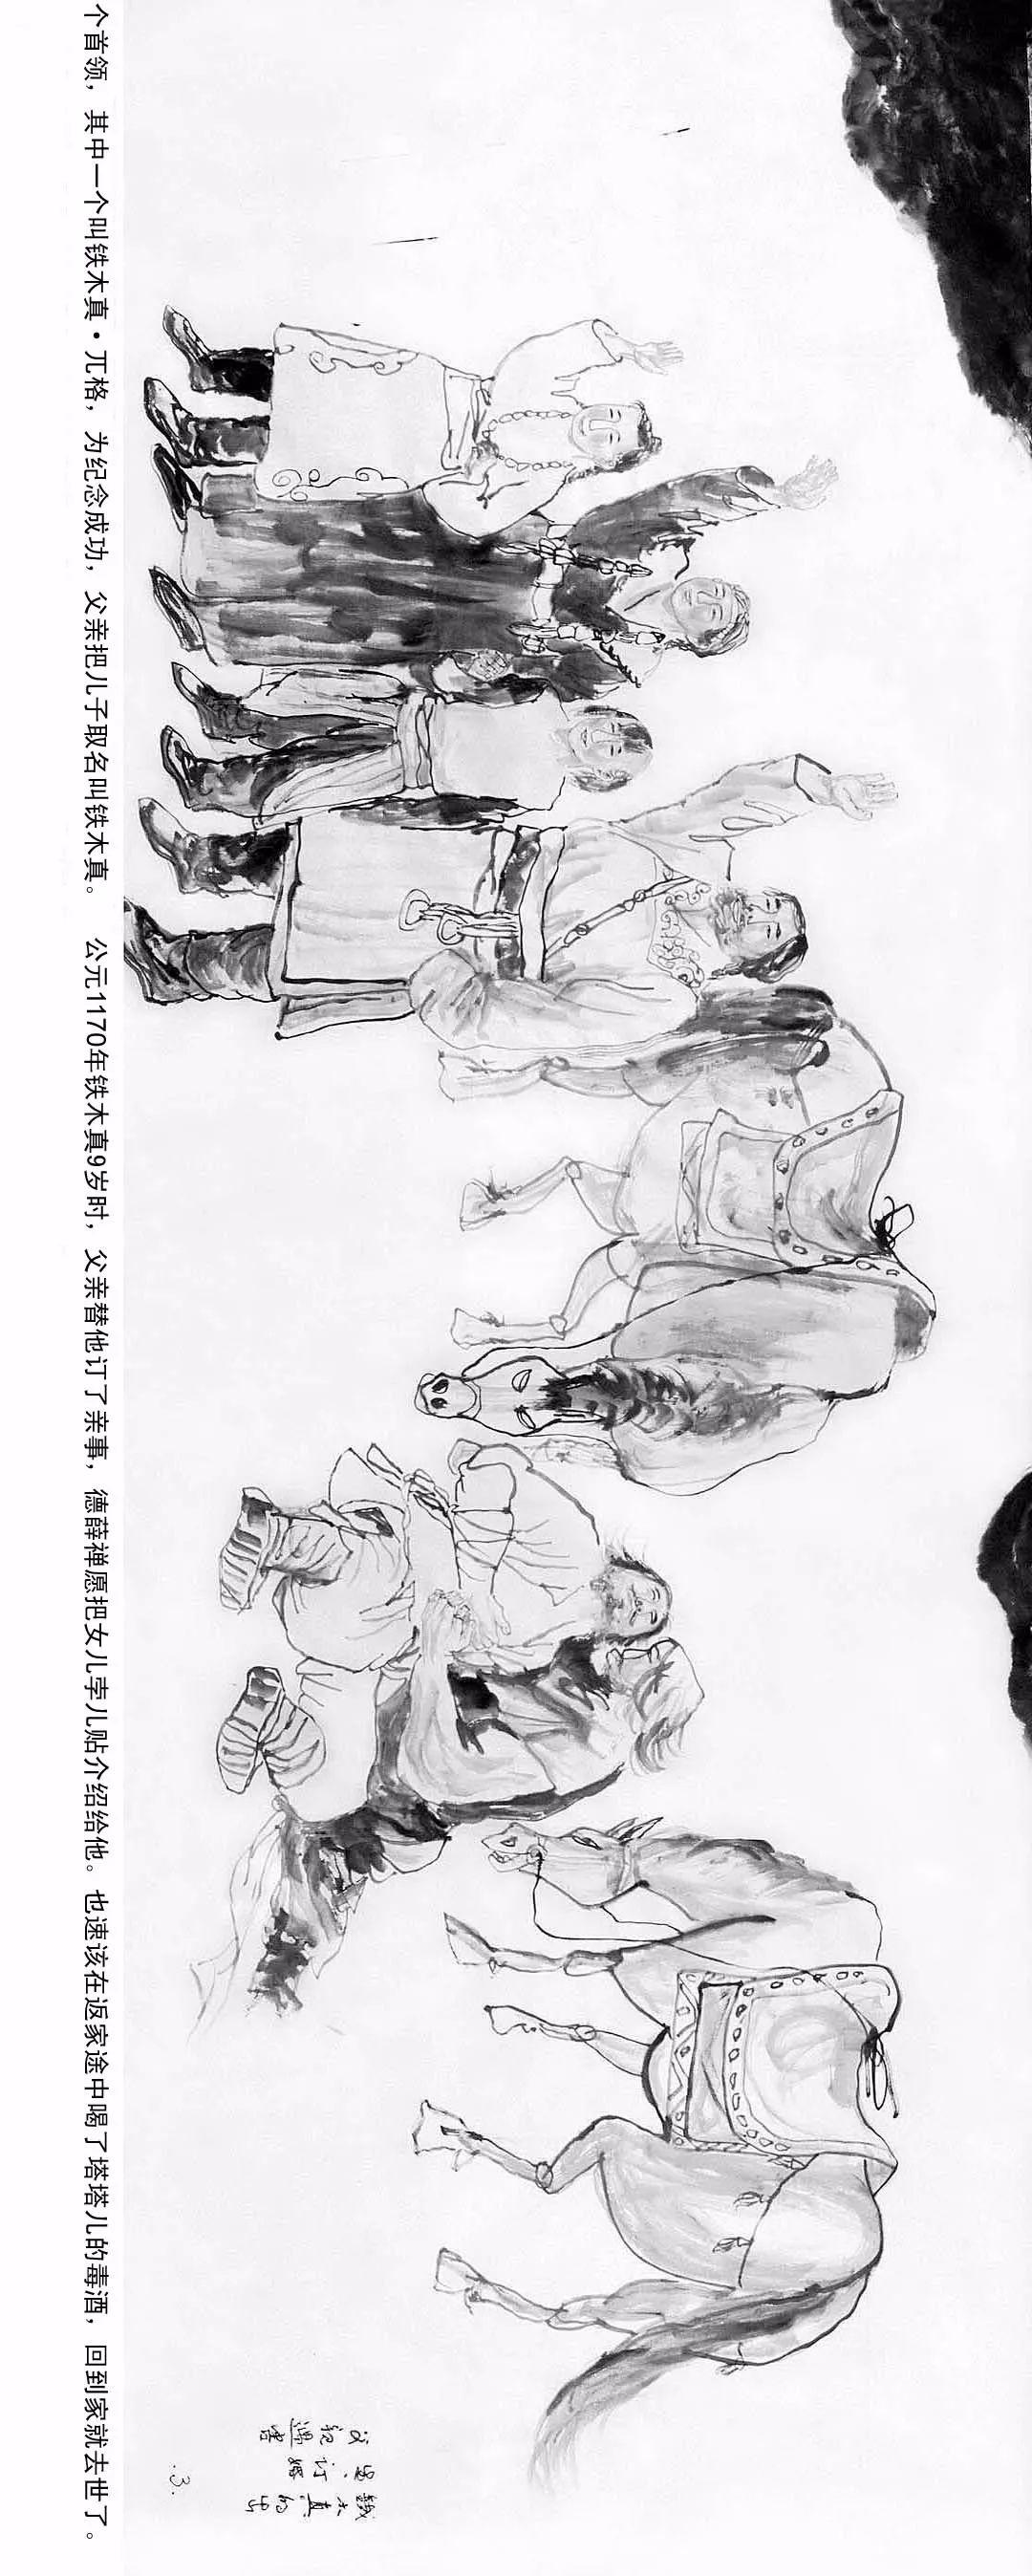 【经典】《蒙古魂》国画写意,大师所创,值得收藏。 第3张